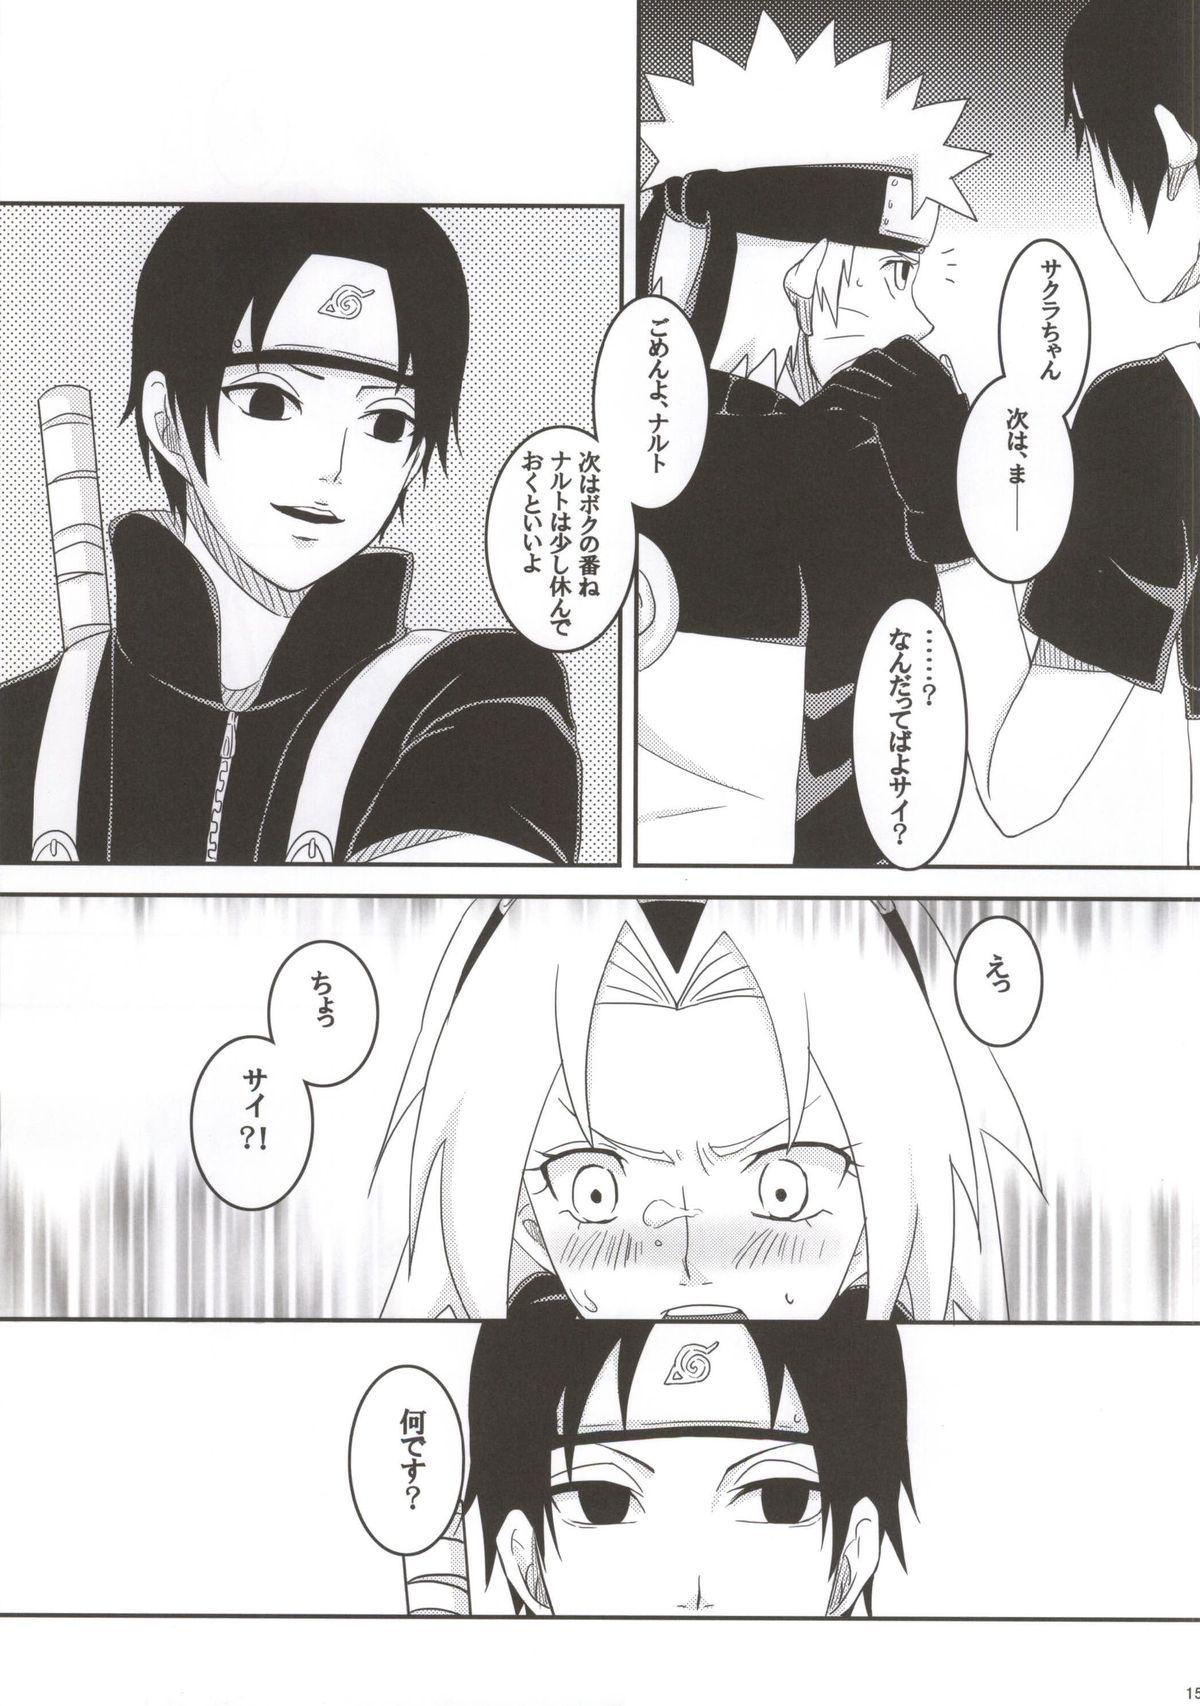 Shinobi no Kokoroe 14